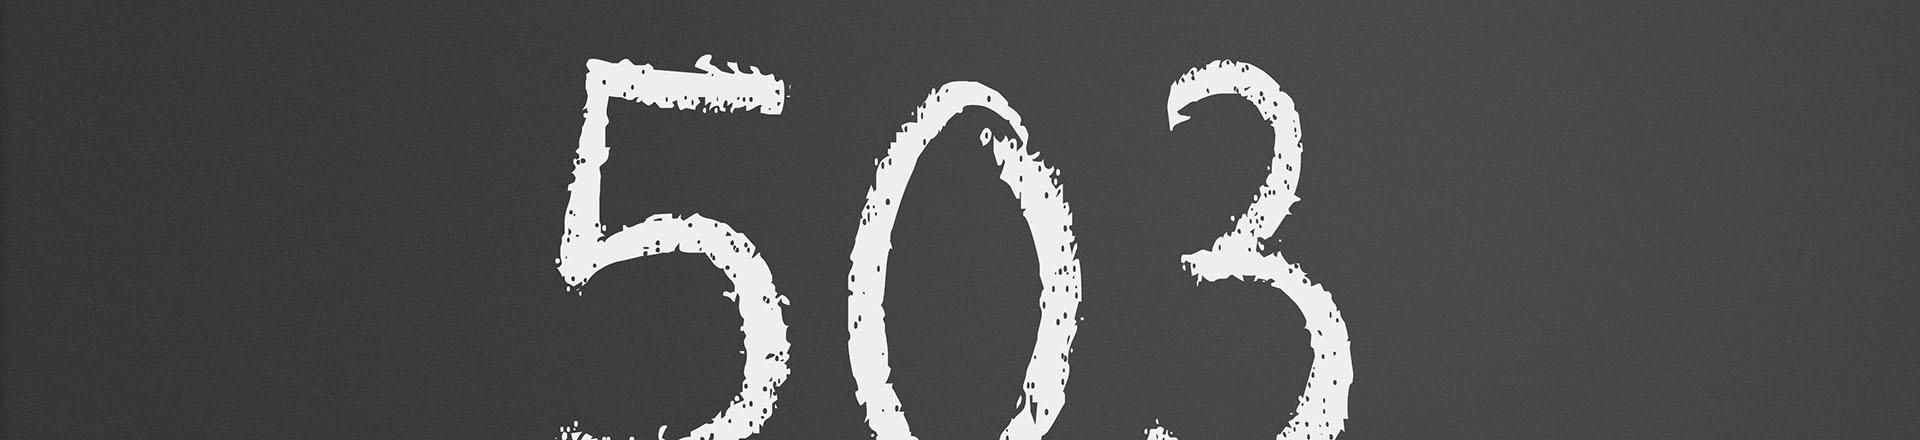 Http Erreur 503 (Service Unavailable) : Corriger Les Erreurs pour Jeux Des Erreurs Gratuit